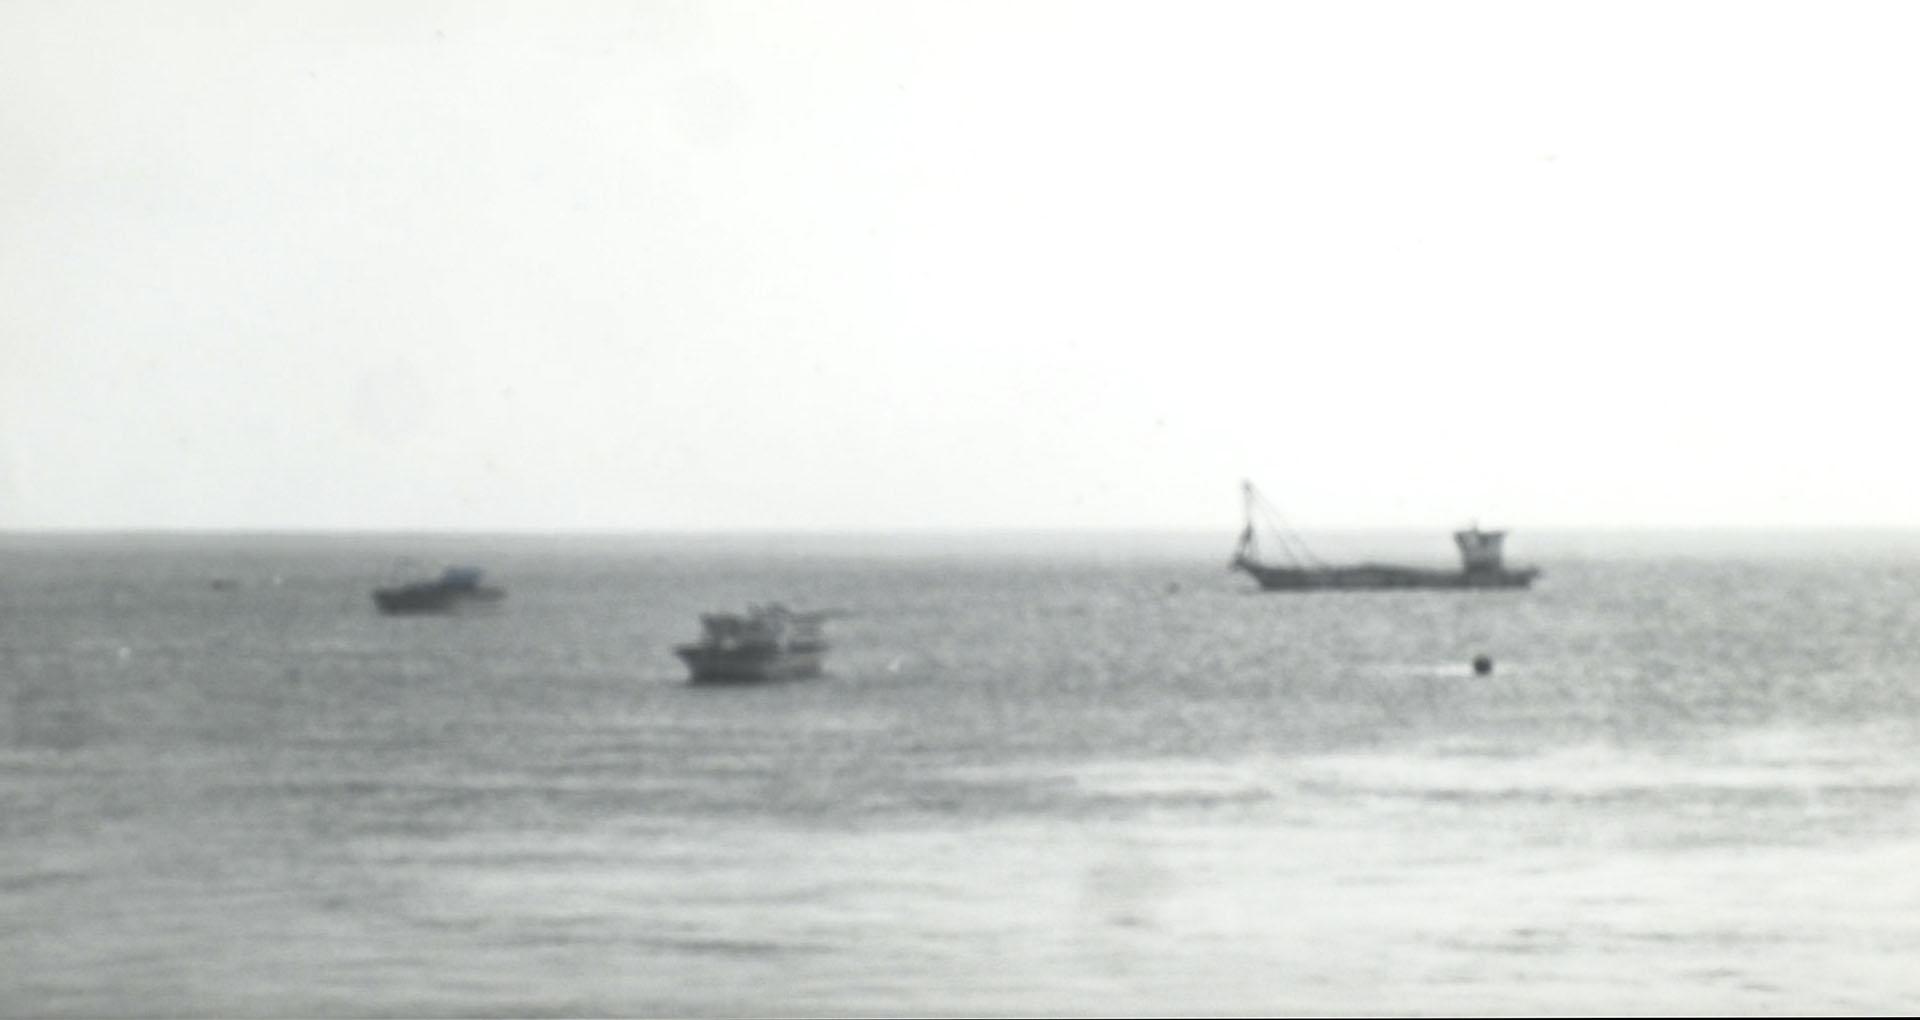 image noir et blanc, la mer et des bateaux au loin